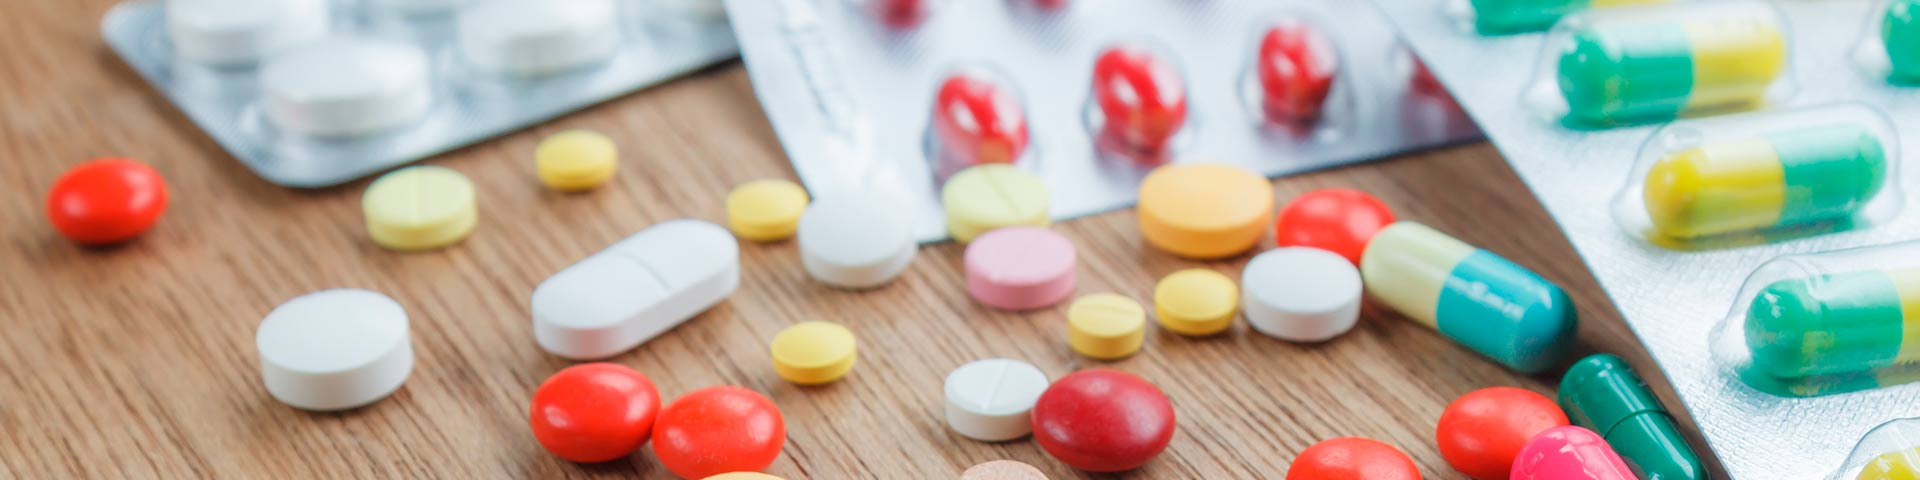 Продвижение сайта фармацевтической продукции